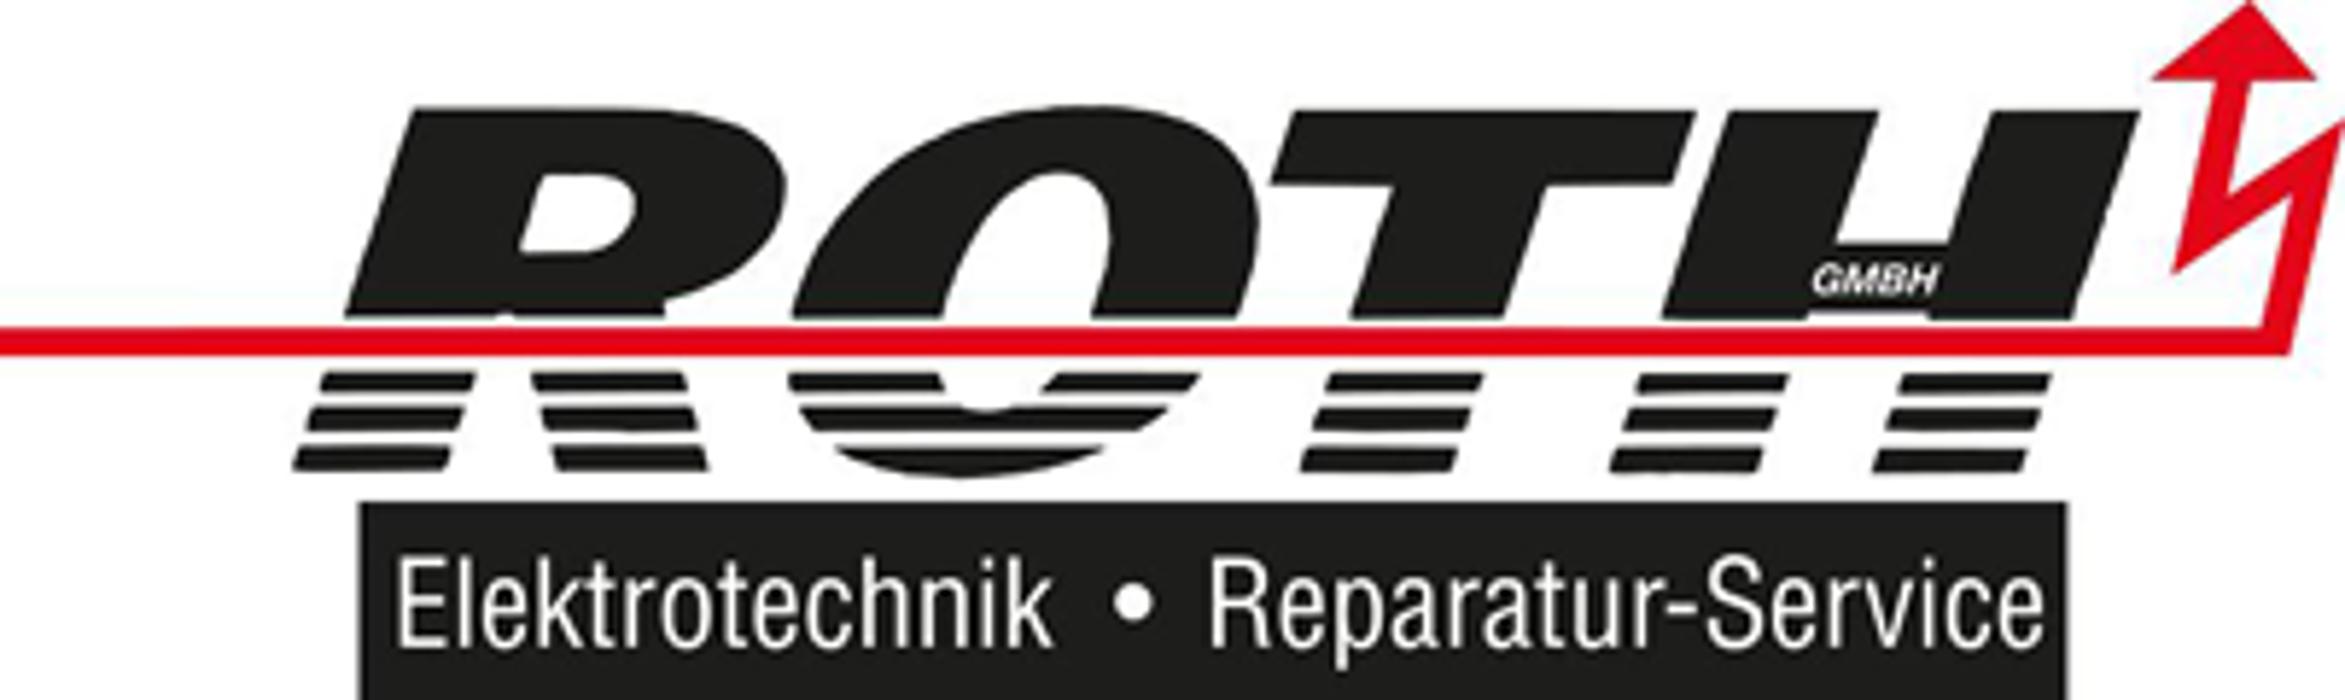 Bild zu Roth GmbH Elektrotechnik GF: Dennis + Jürgen Roth in Flörsheim am Main